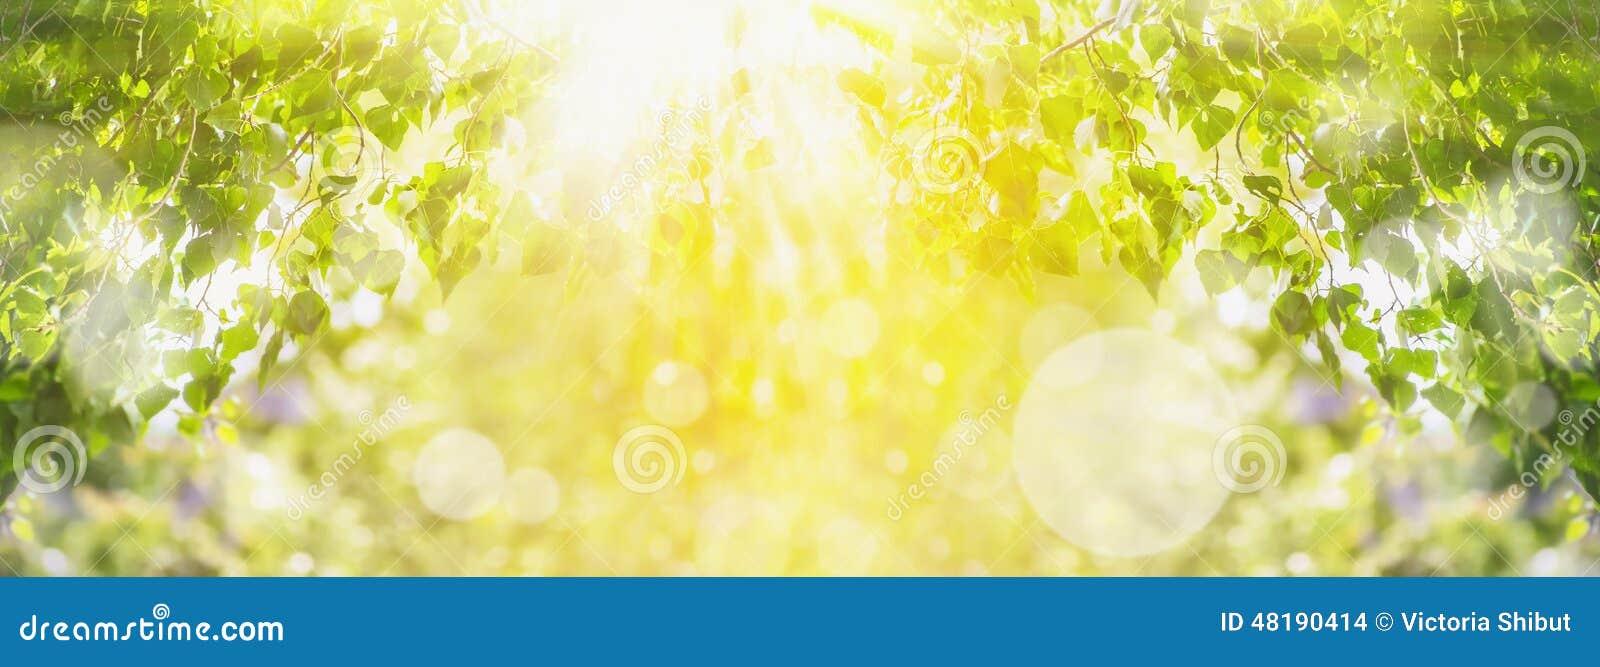 Le fond d été de ressort avec l arbre vert, la lumière du soleil et le soleil rayonne